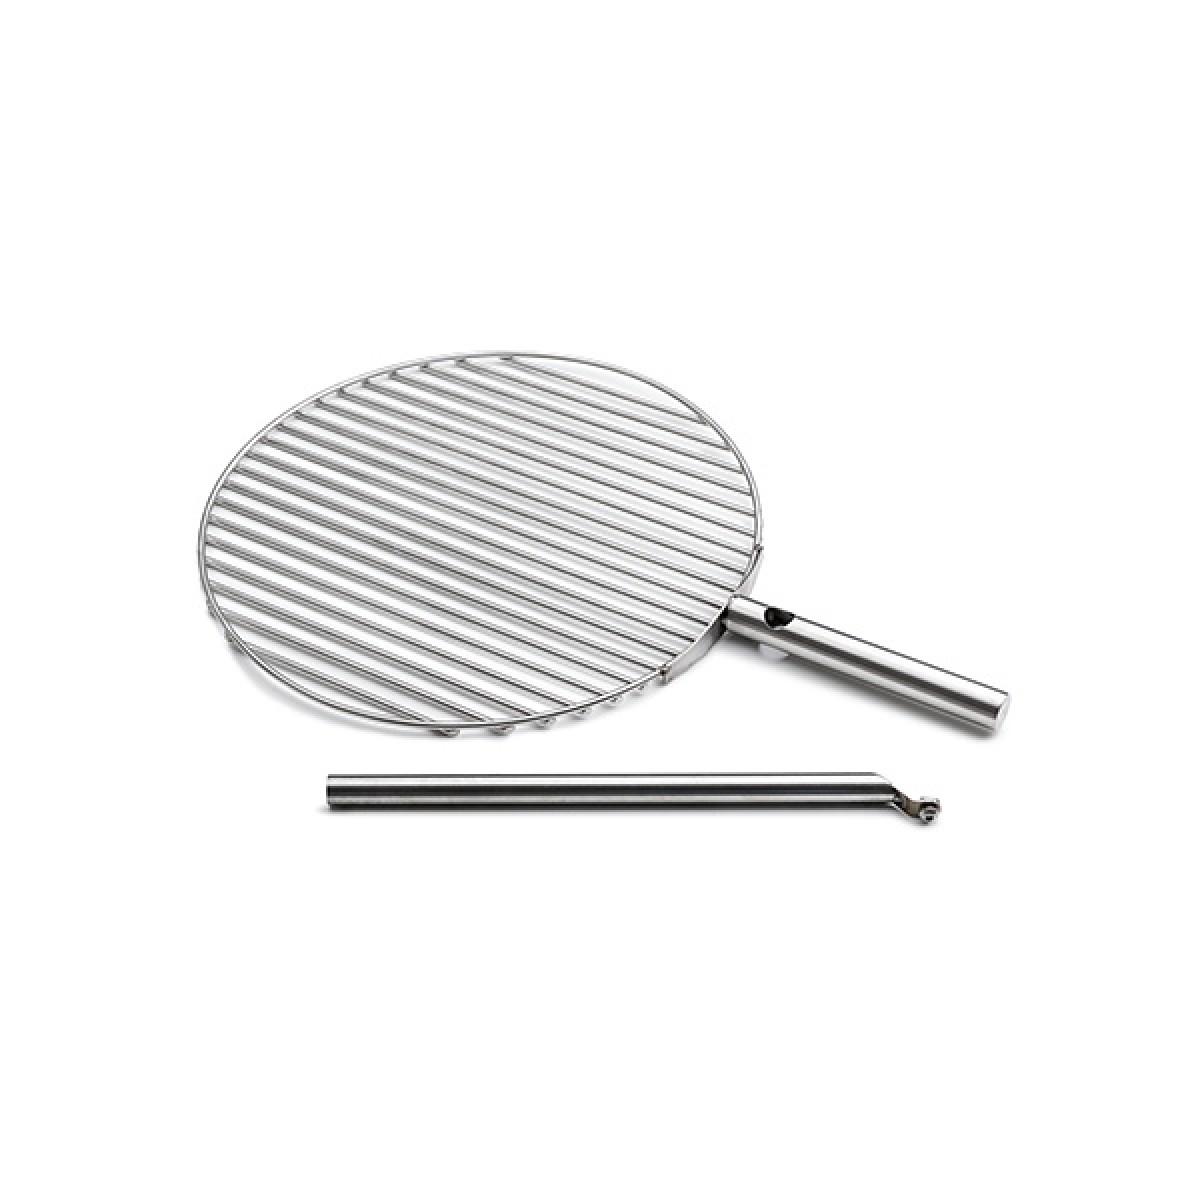 TRIPLE Grid | Grillrost | Ø 45 cm | optionales Zubehör für TRIPLE Fire Bowl | Feuerschale von höfats